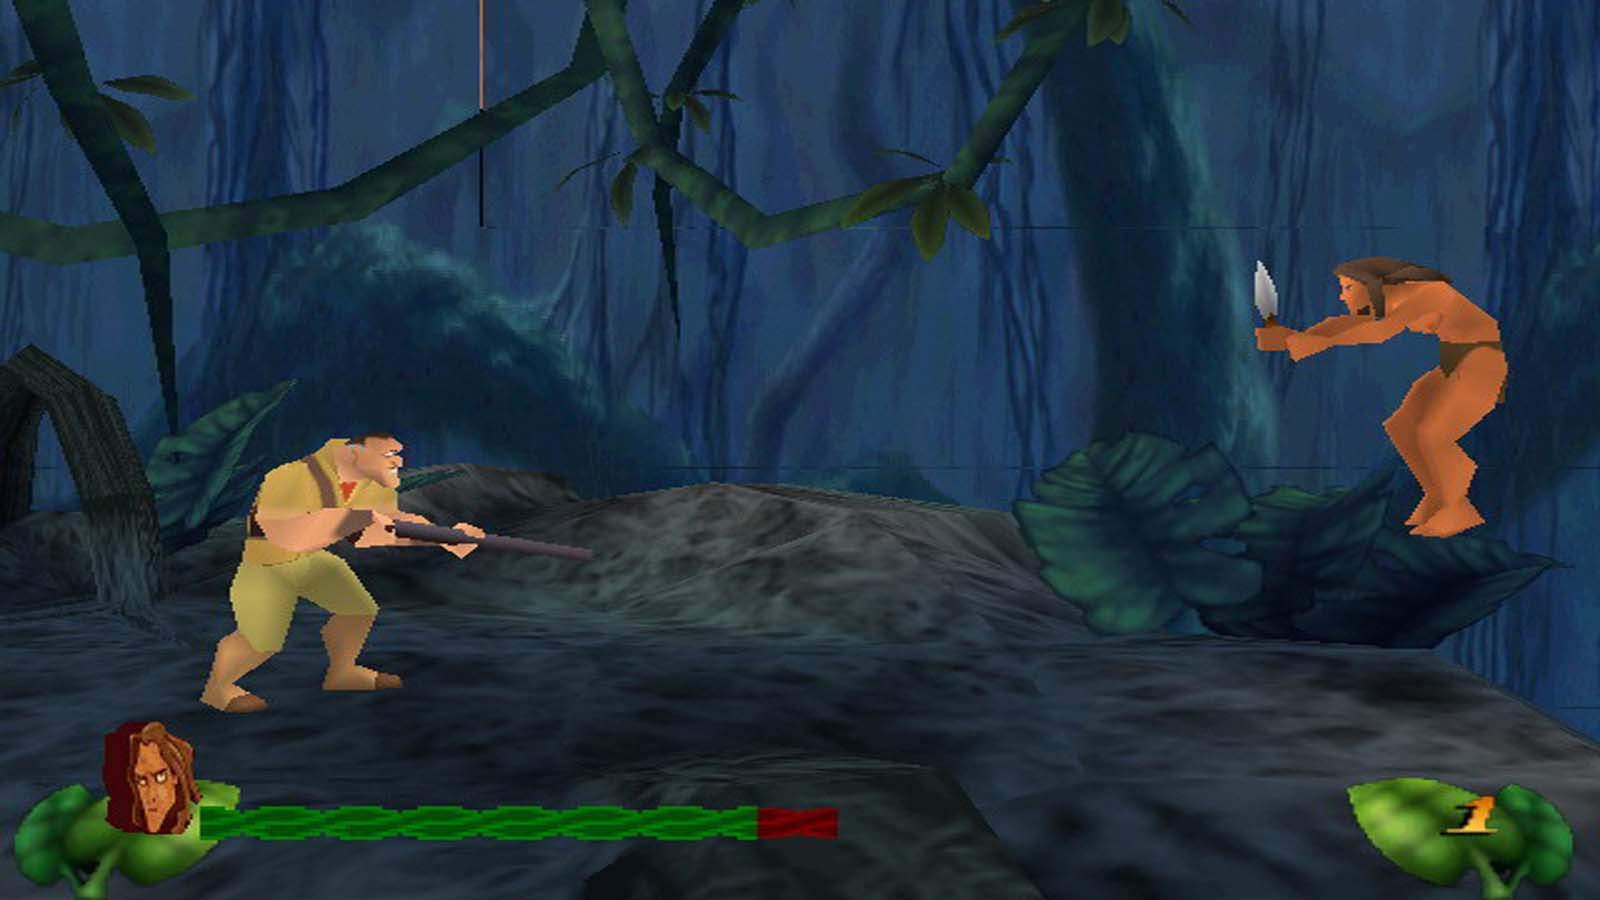 تحميل لعبة Tarzan مضغوطة برابط واحد مباشر كاملة مجانا